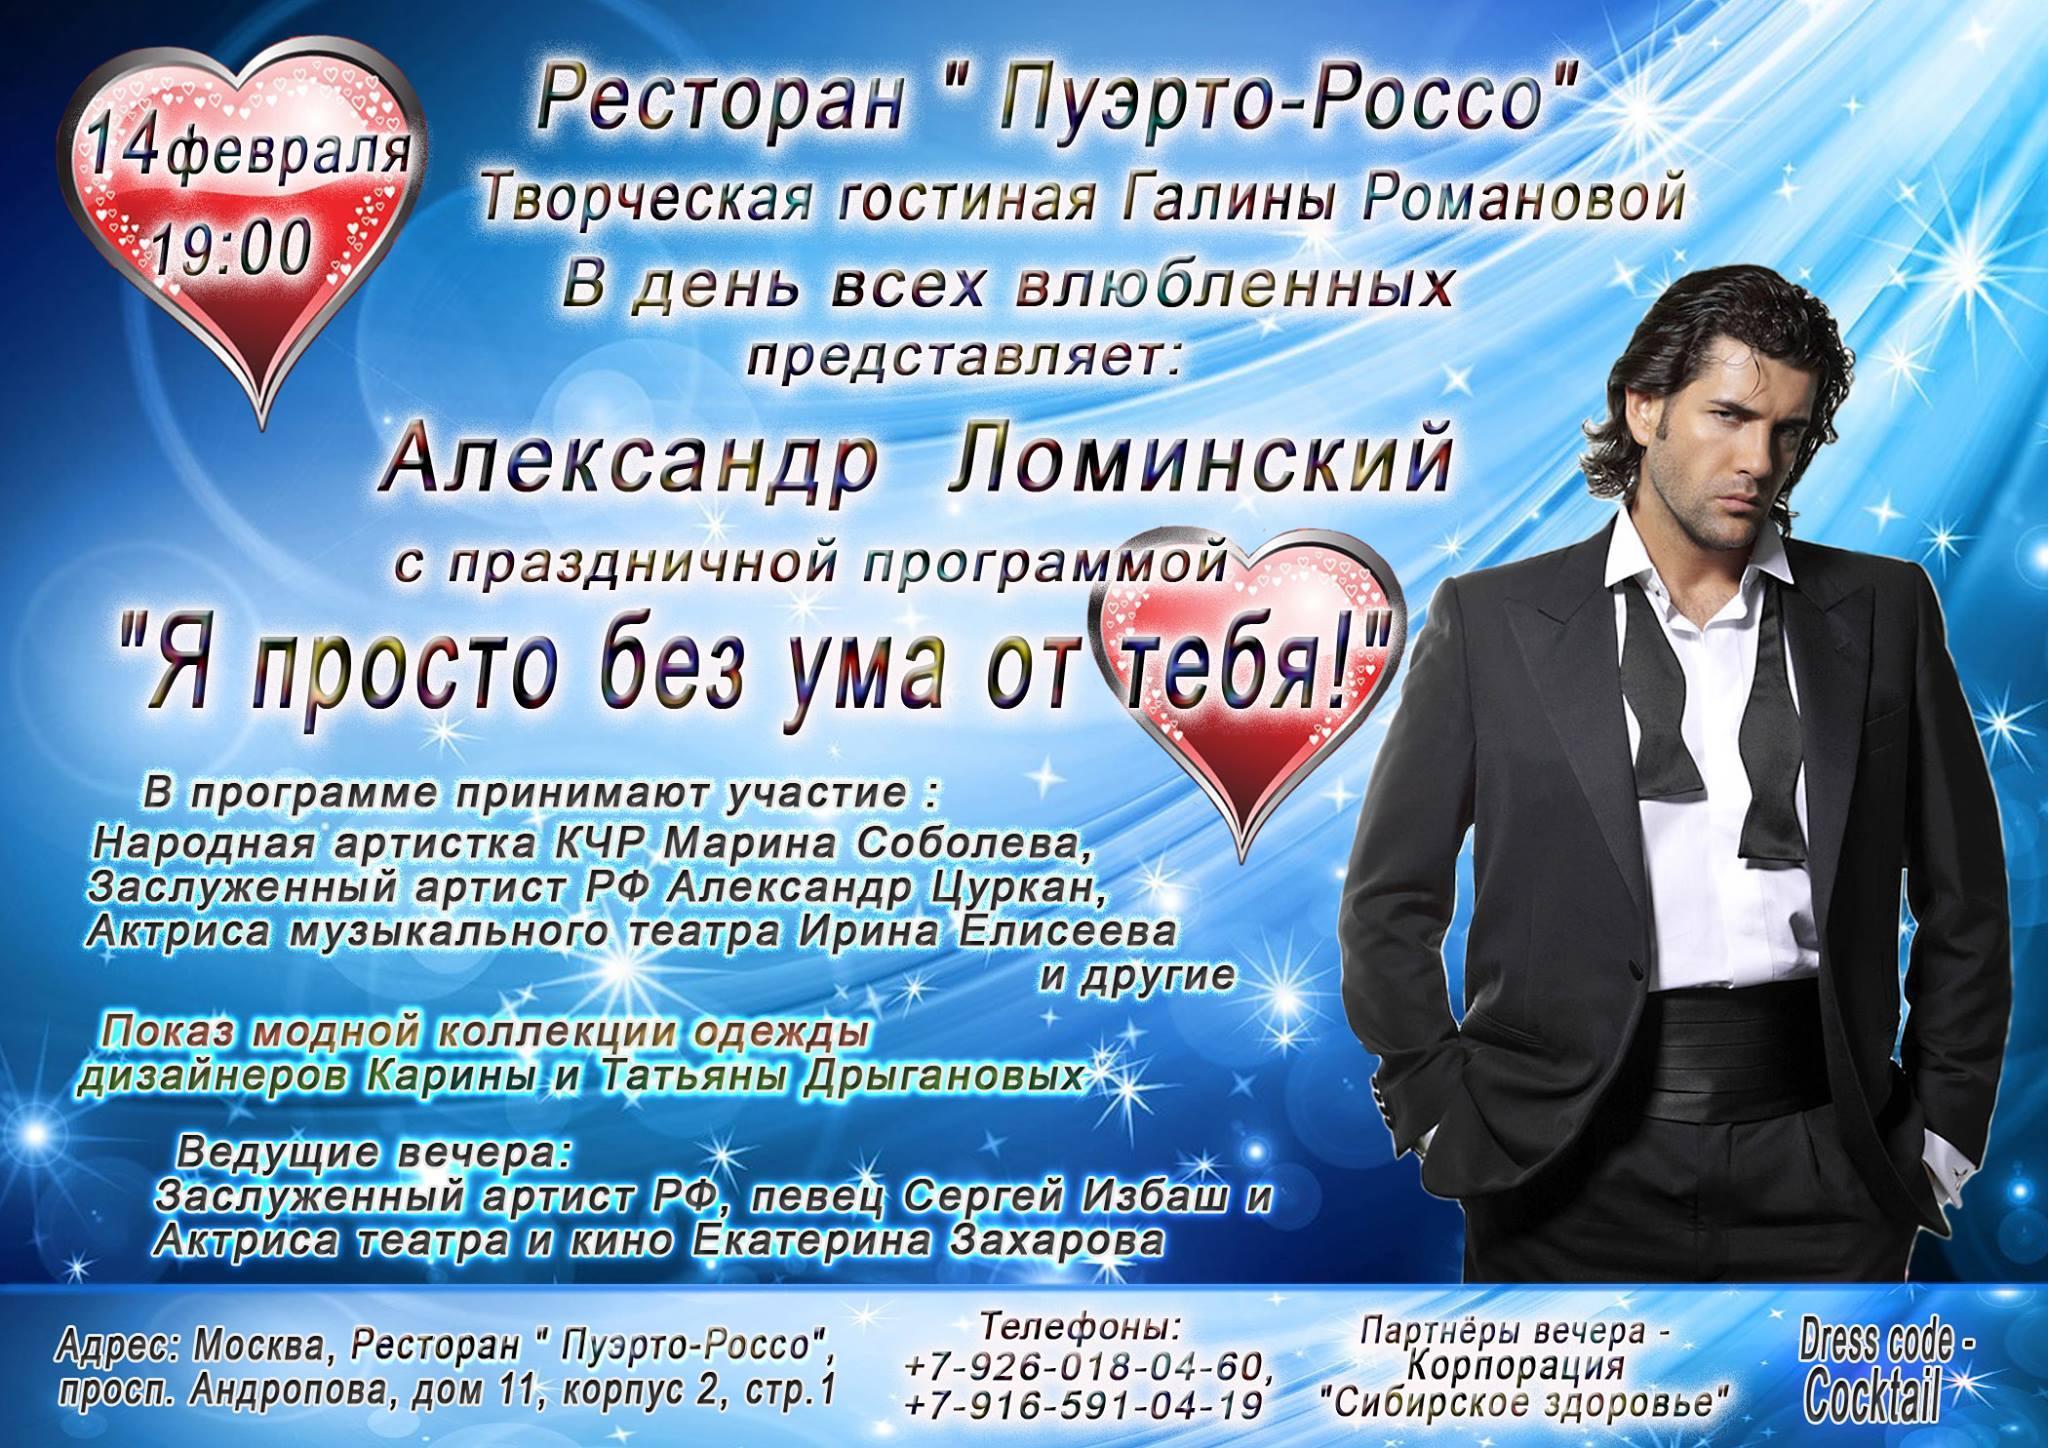 В день всех влюбленных Александр Ломинский выступит с праздничной программой «Я просто без ума от тебя!»